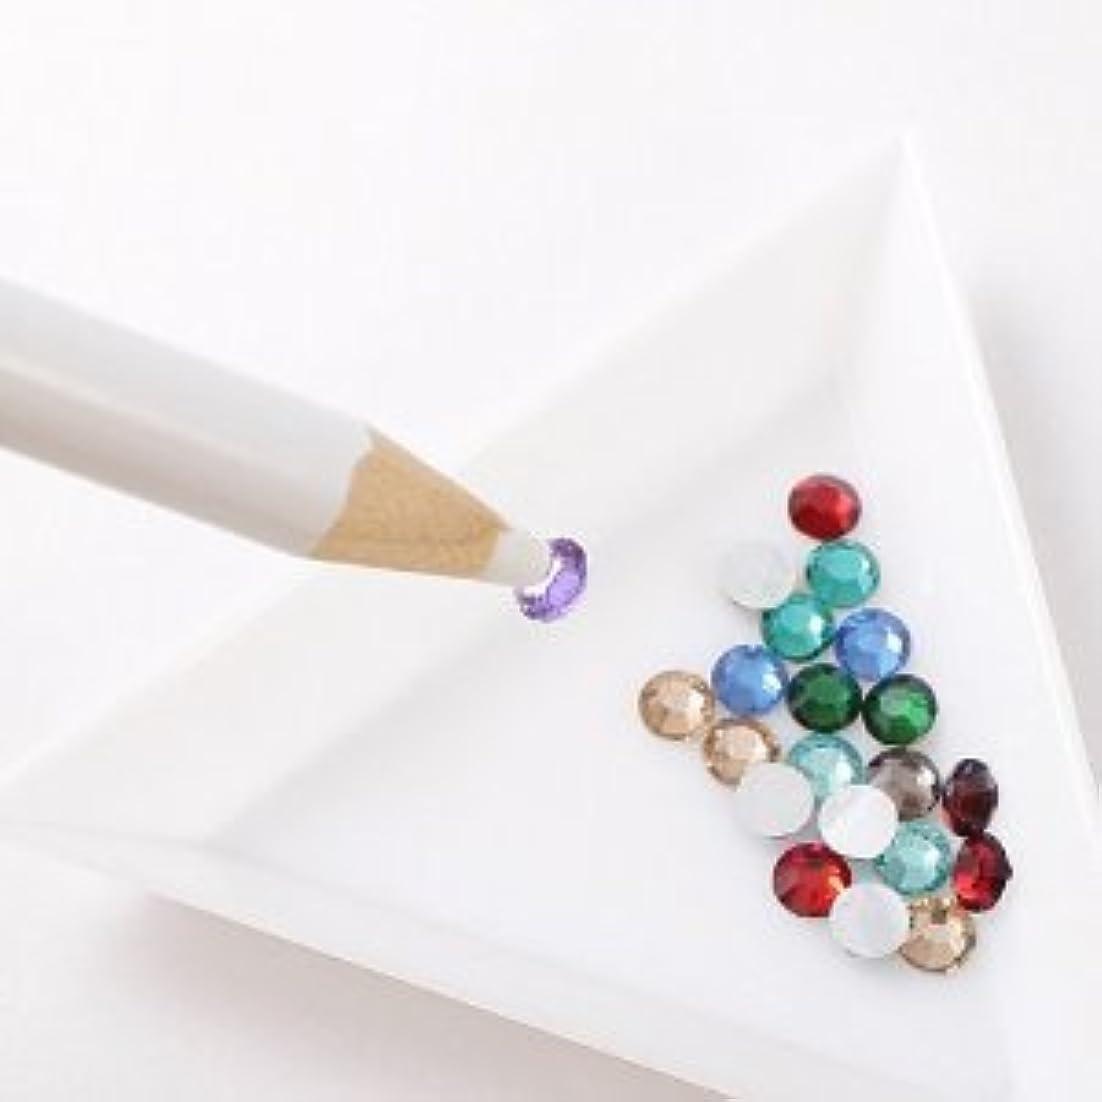 ふくろう見積りペン【ラインストーン77】 マジカルペンシル 1本 デコ用品 DY2